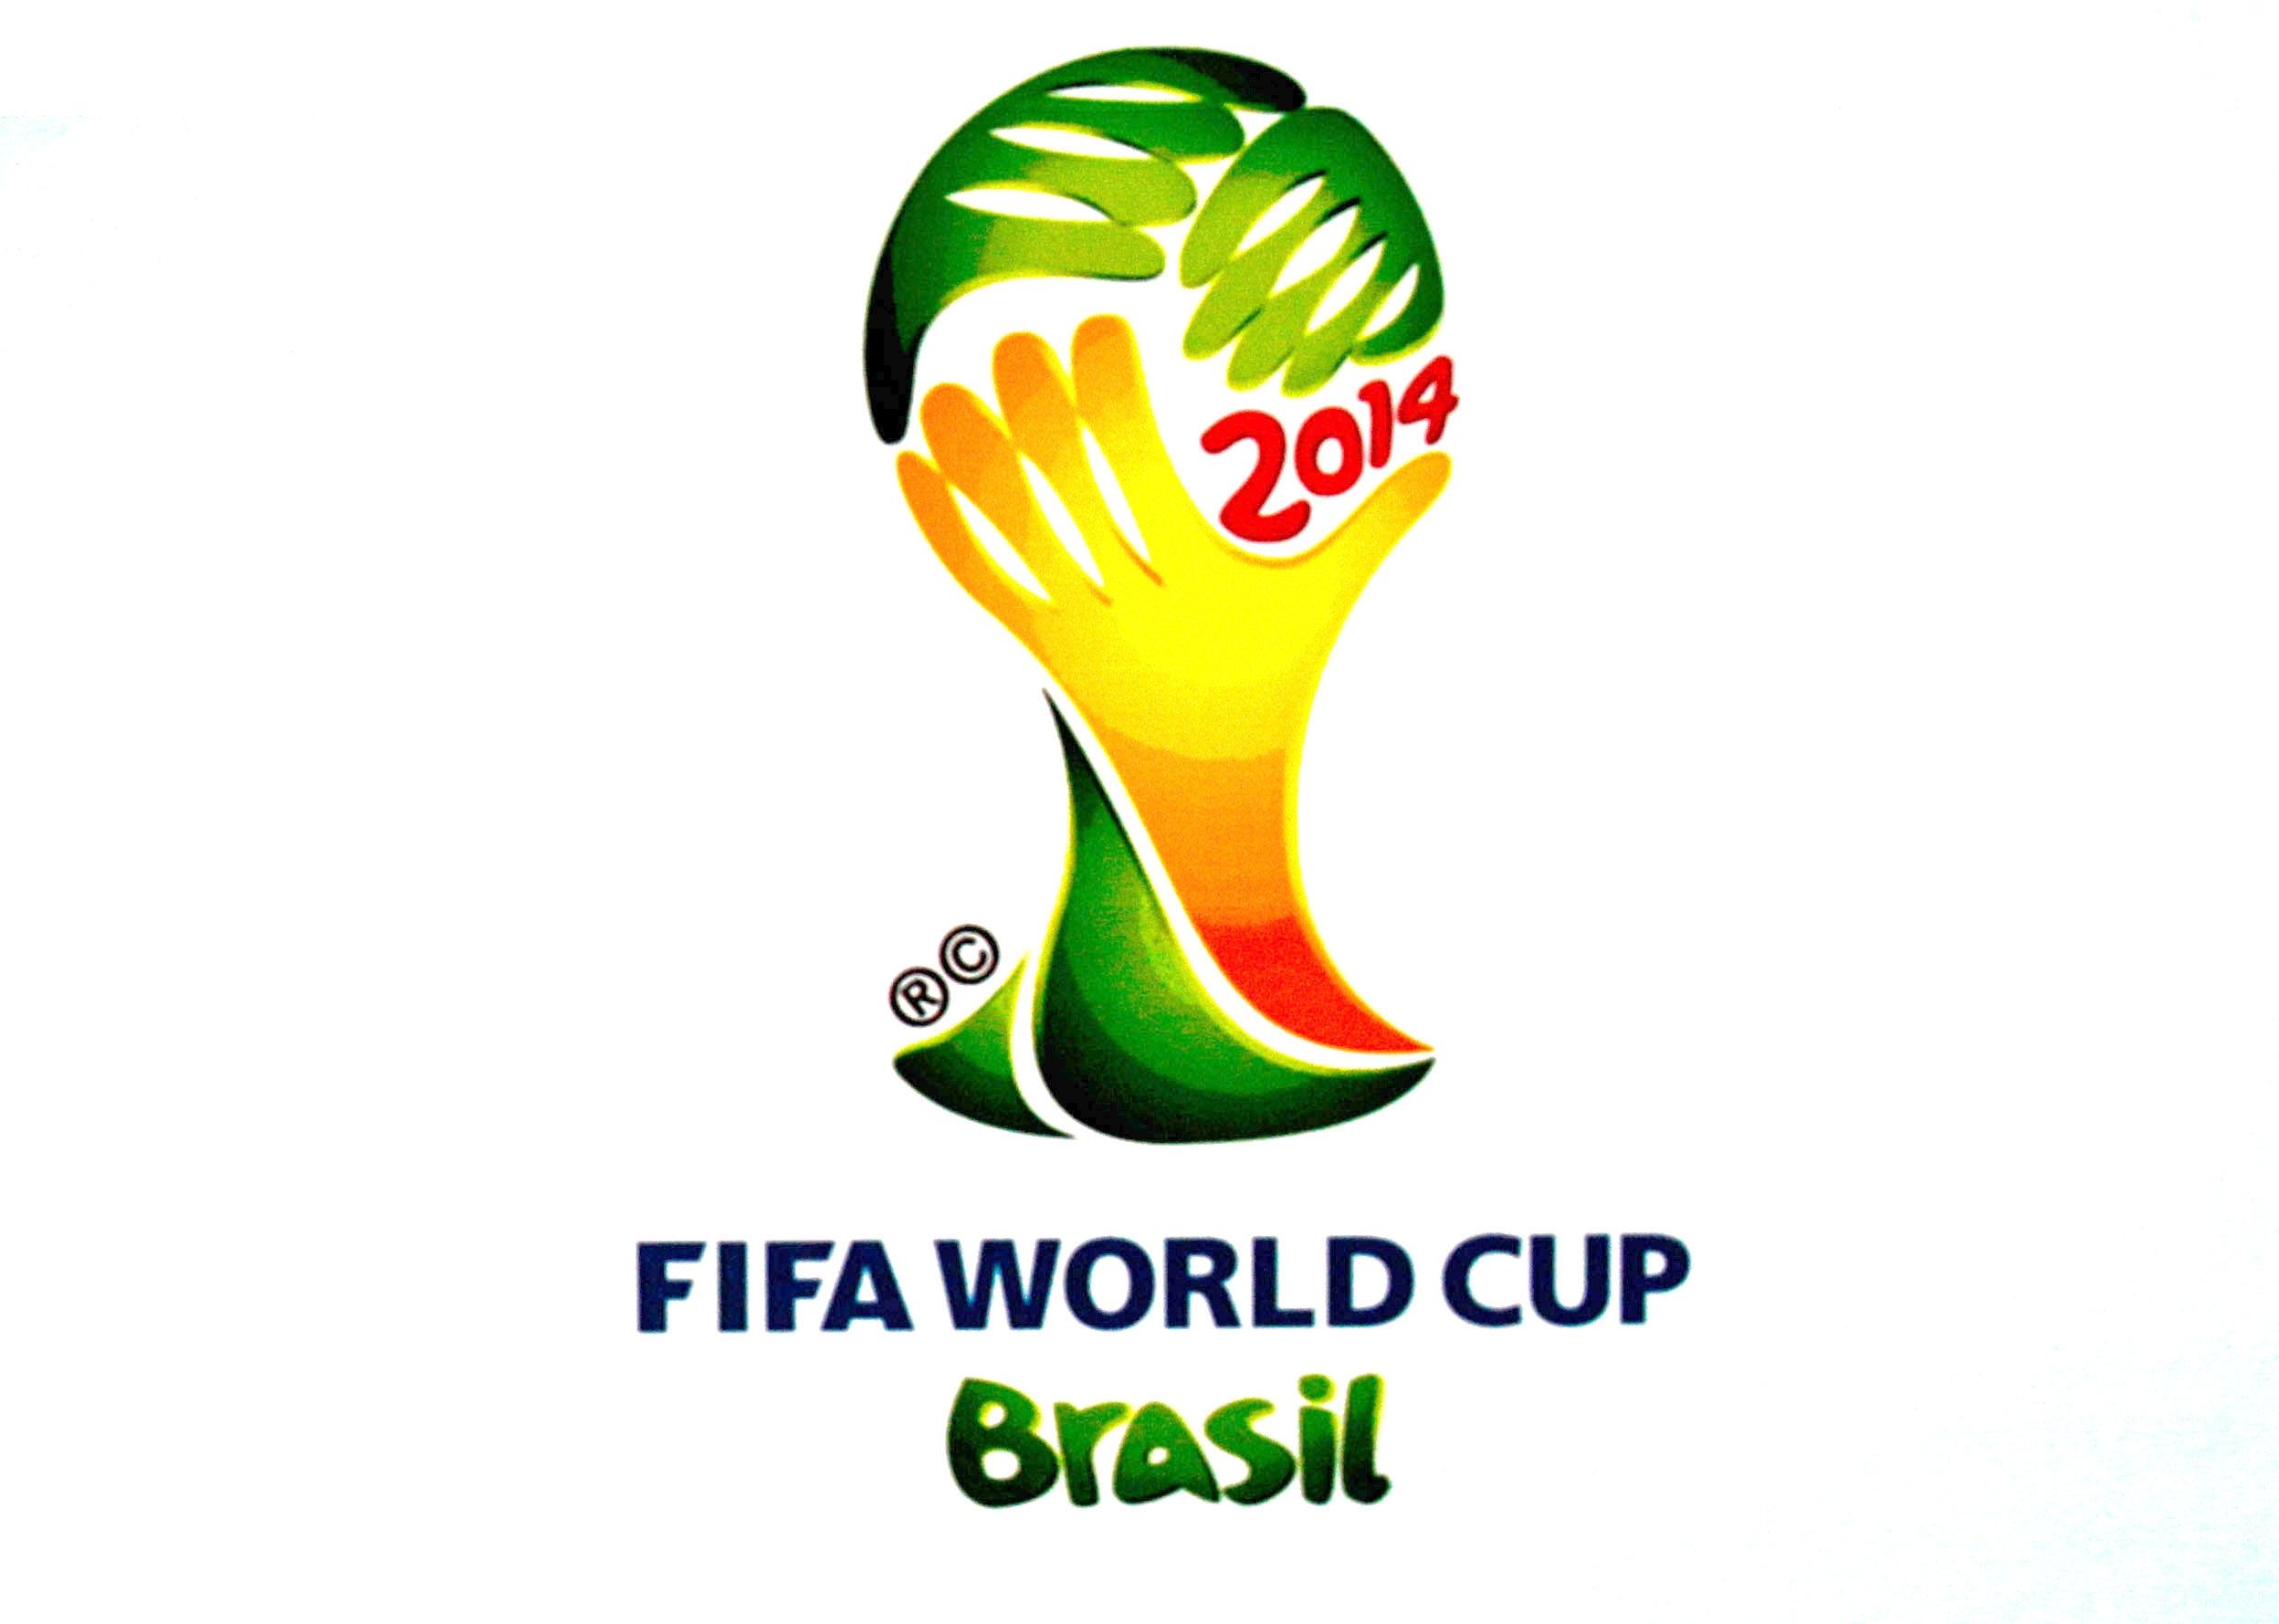 FIFA2014